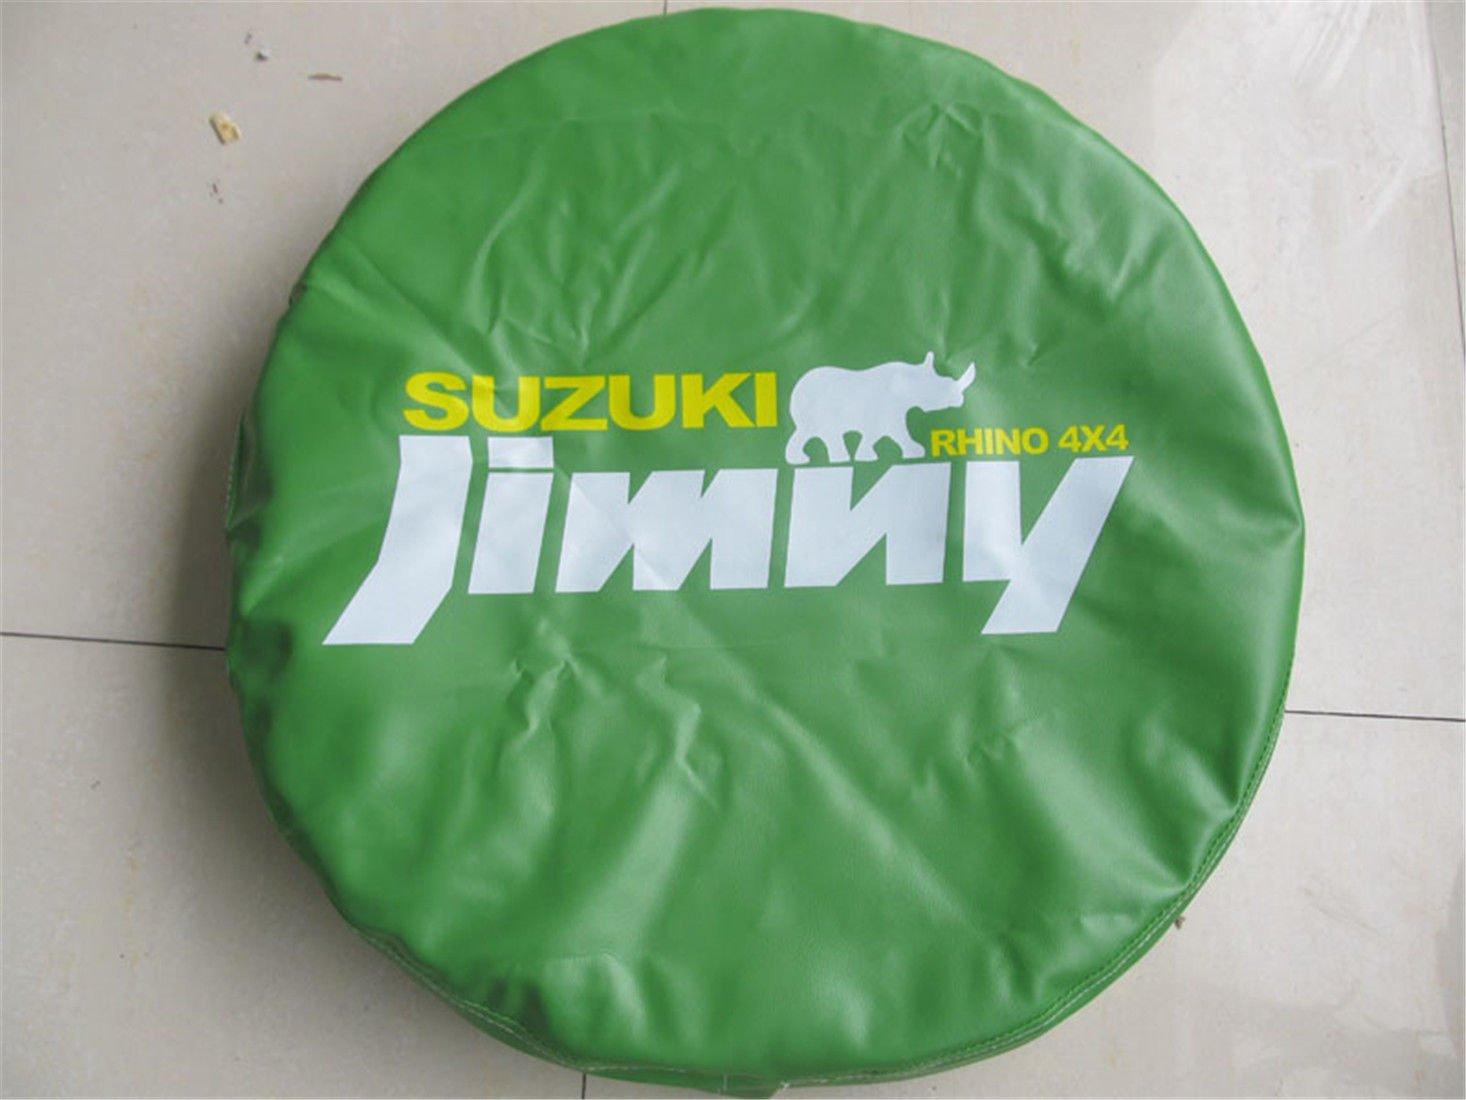 Bestmay 35, 6 cm rotella di ricambio per Uzuki S g Rand V Itara con logo Jimny verde nuovo 6cm rotella di ricambio per Uzuki S g Rand V Itara con logo Jimny verde nuovo